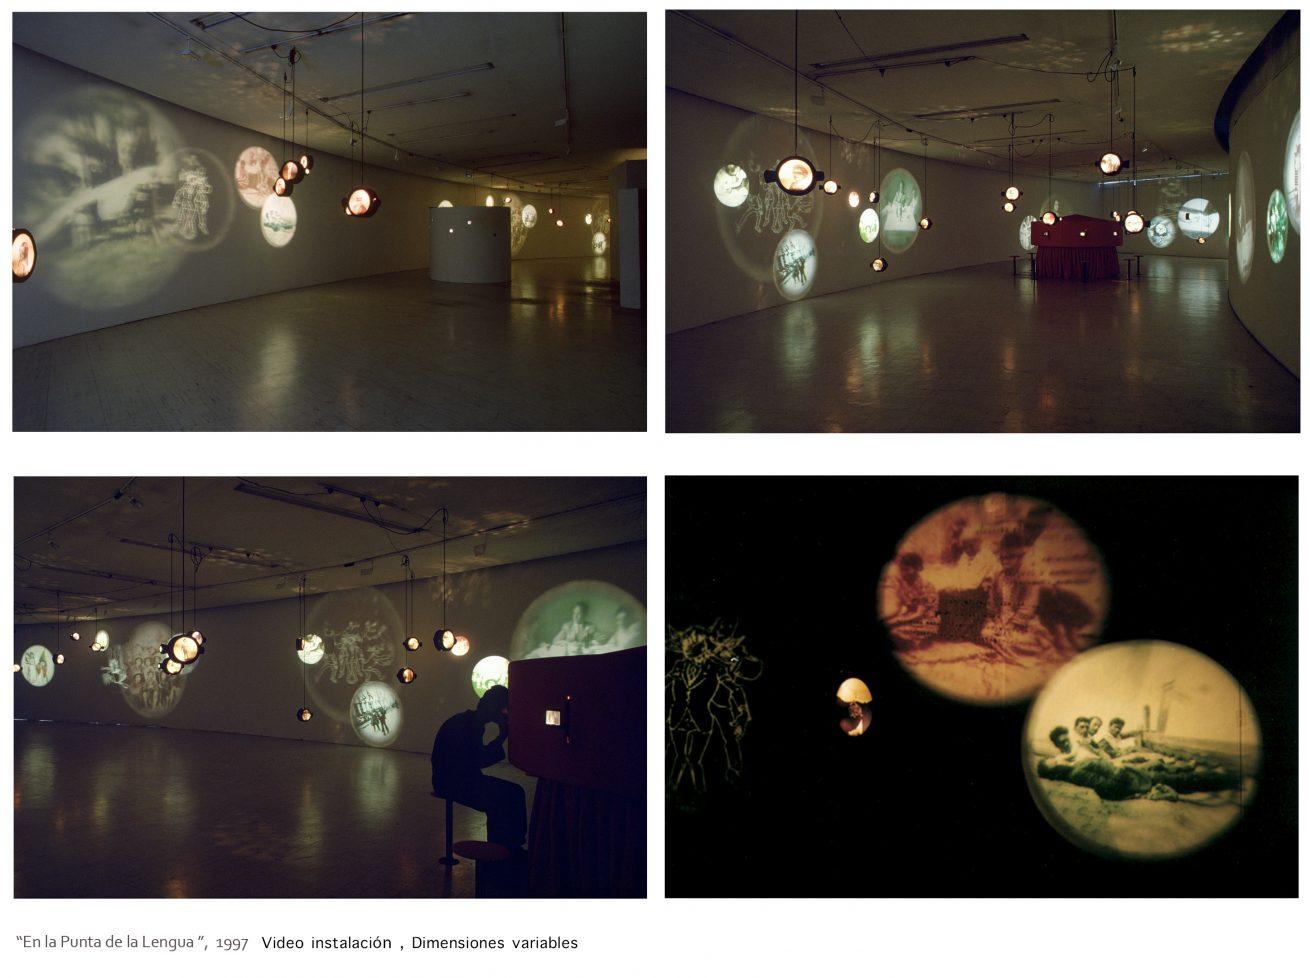 En la punta de la lengua (1997). Galería Santa Fe. Video instalación.